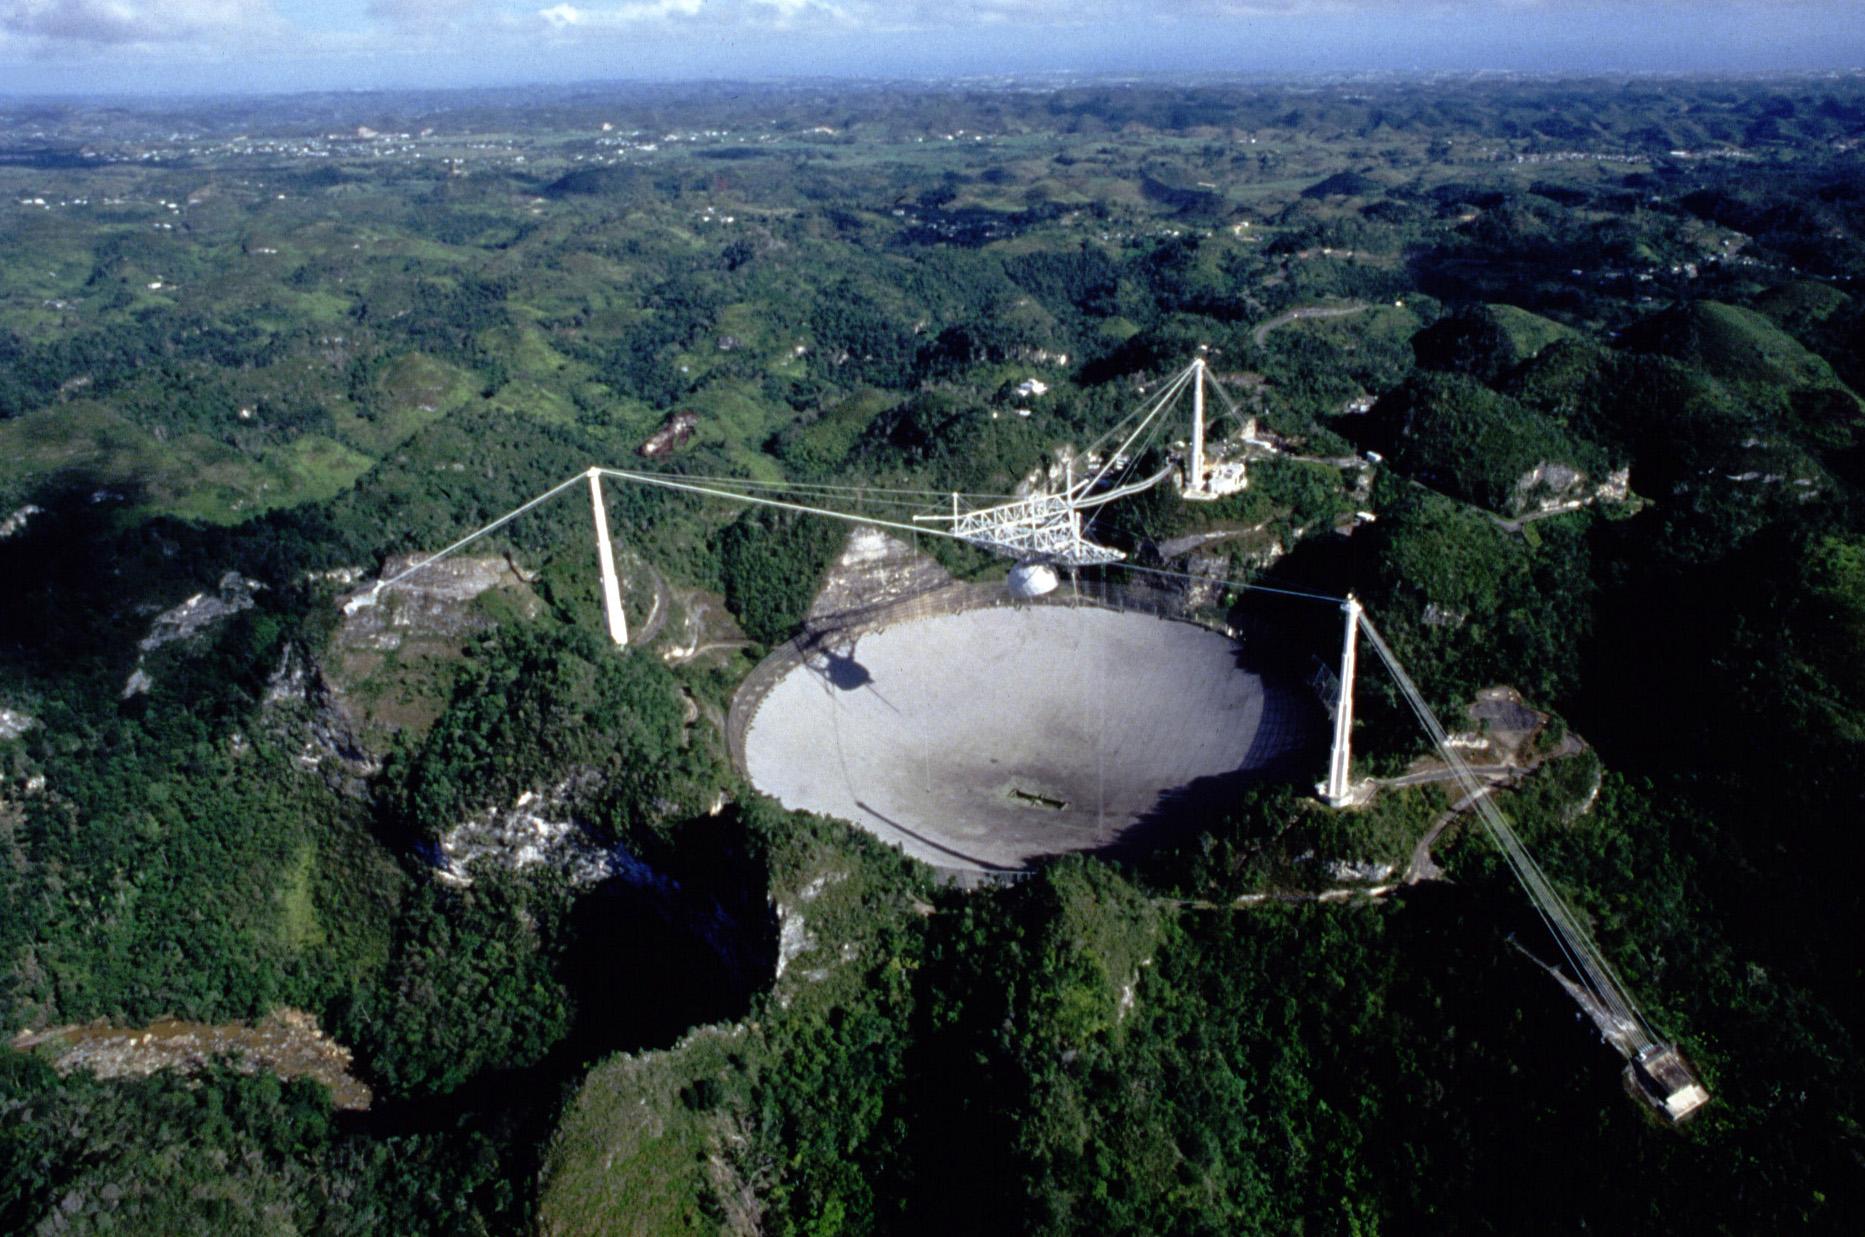 Arecibo - Tô no Cosmos